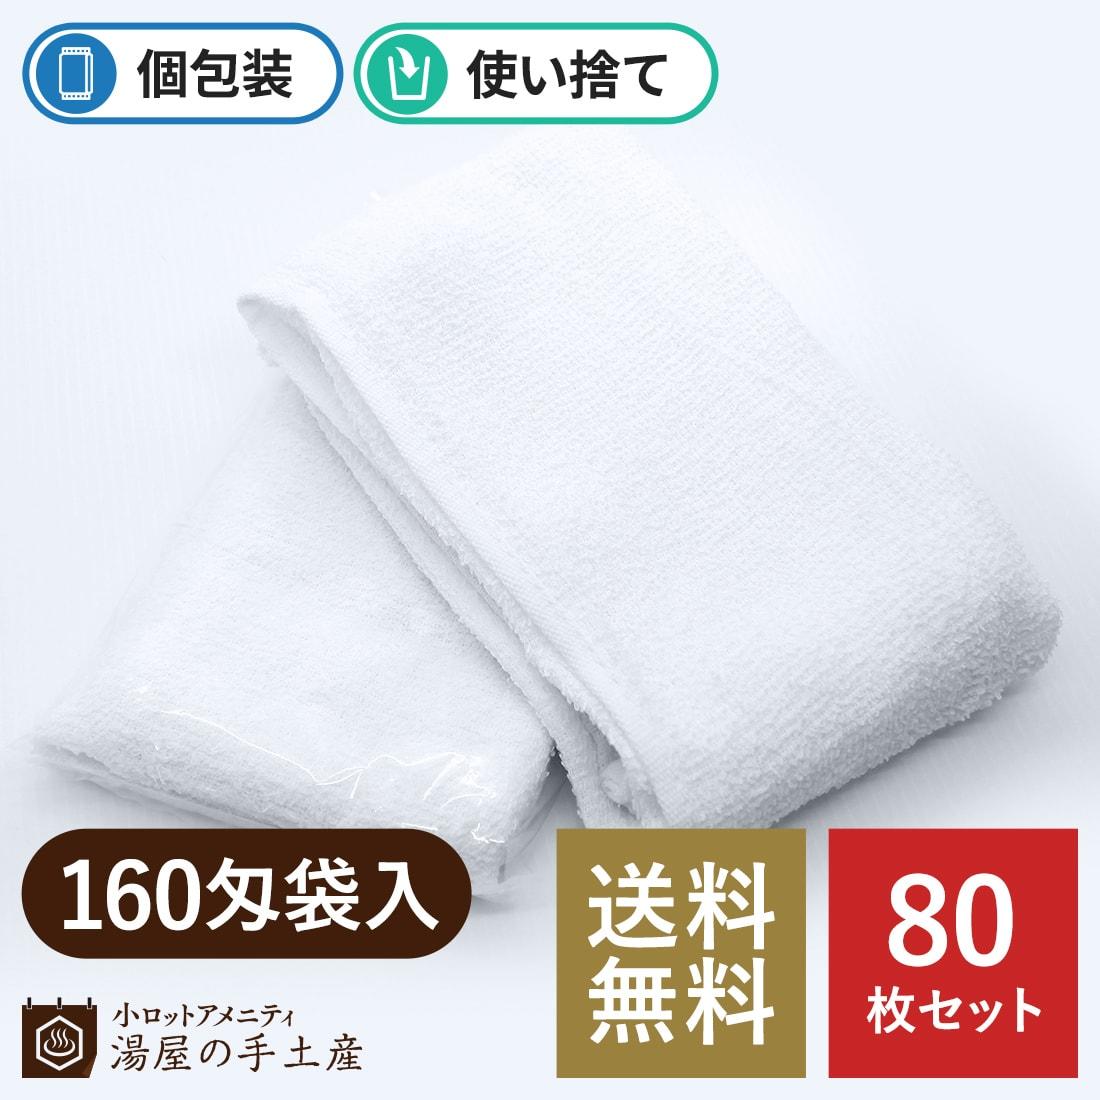 使い捨てタオル 100枚セット(160匁・袋入り)